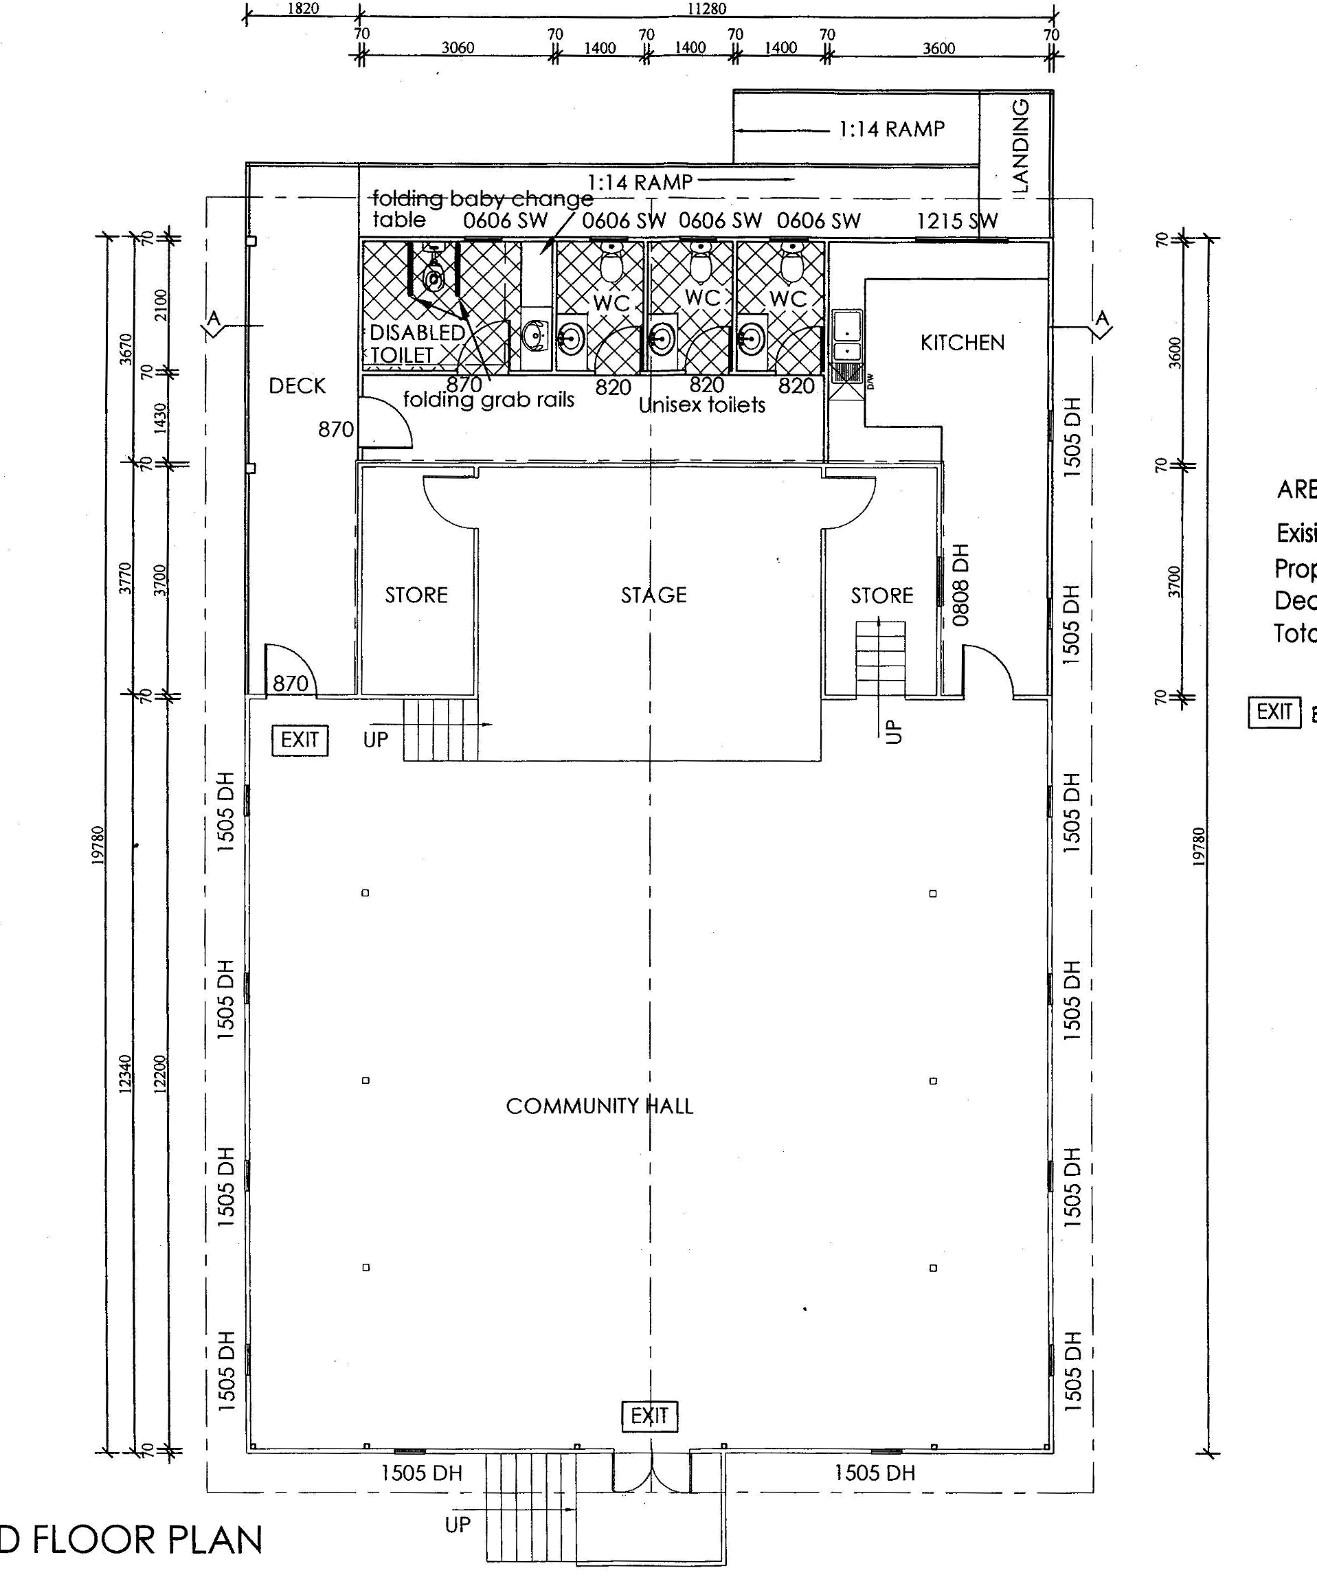 ebis part plan 201009aa